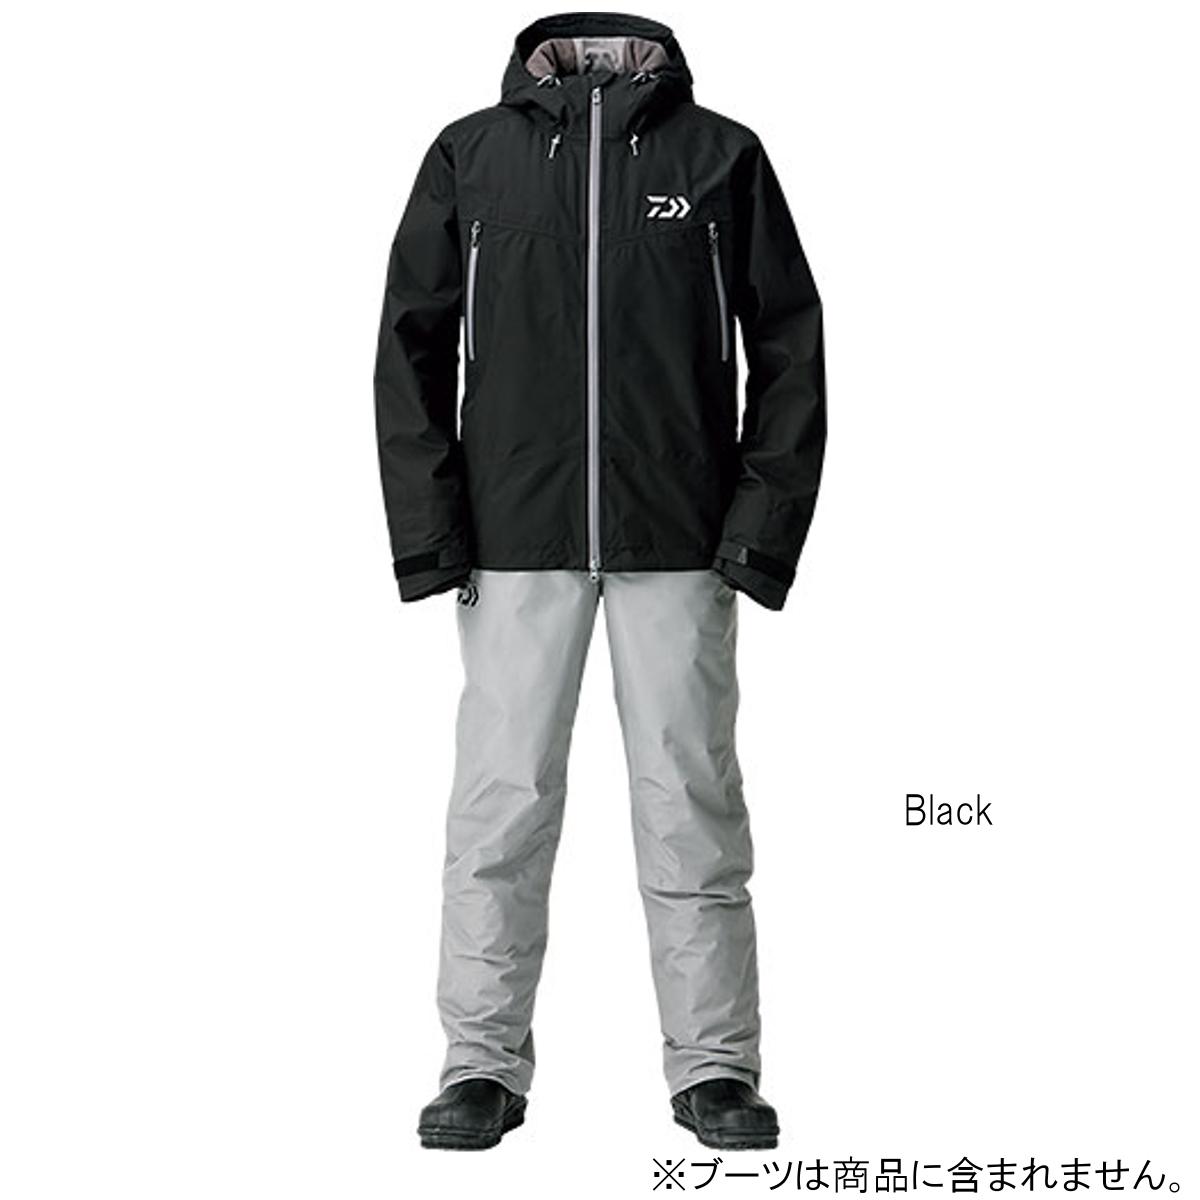 ダイワ ゴアテックス ファブリクス ウィンタースーツ DW-1908 XL Black(東日本店)